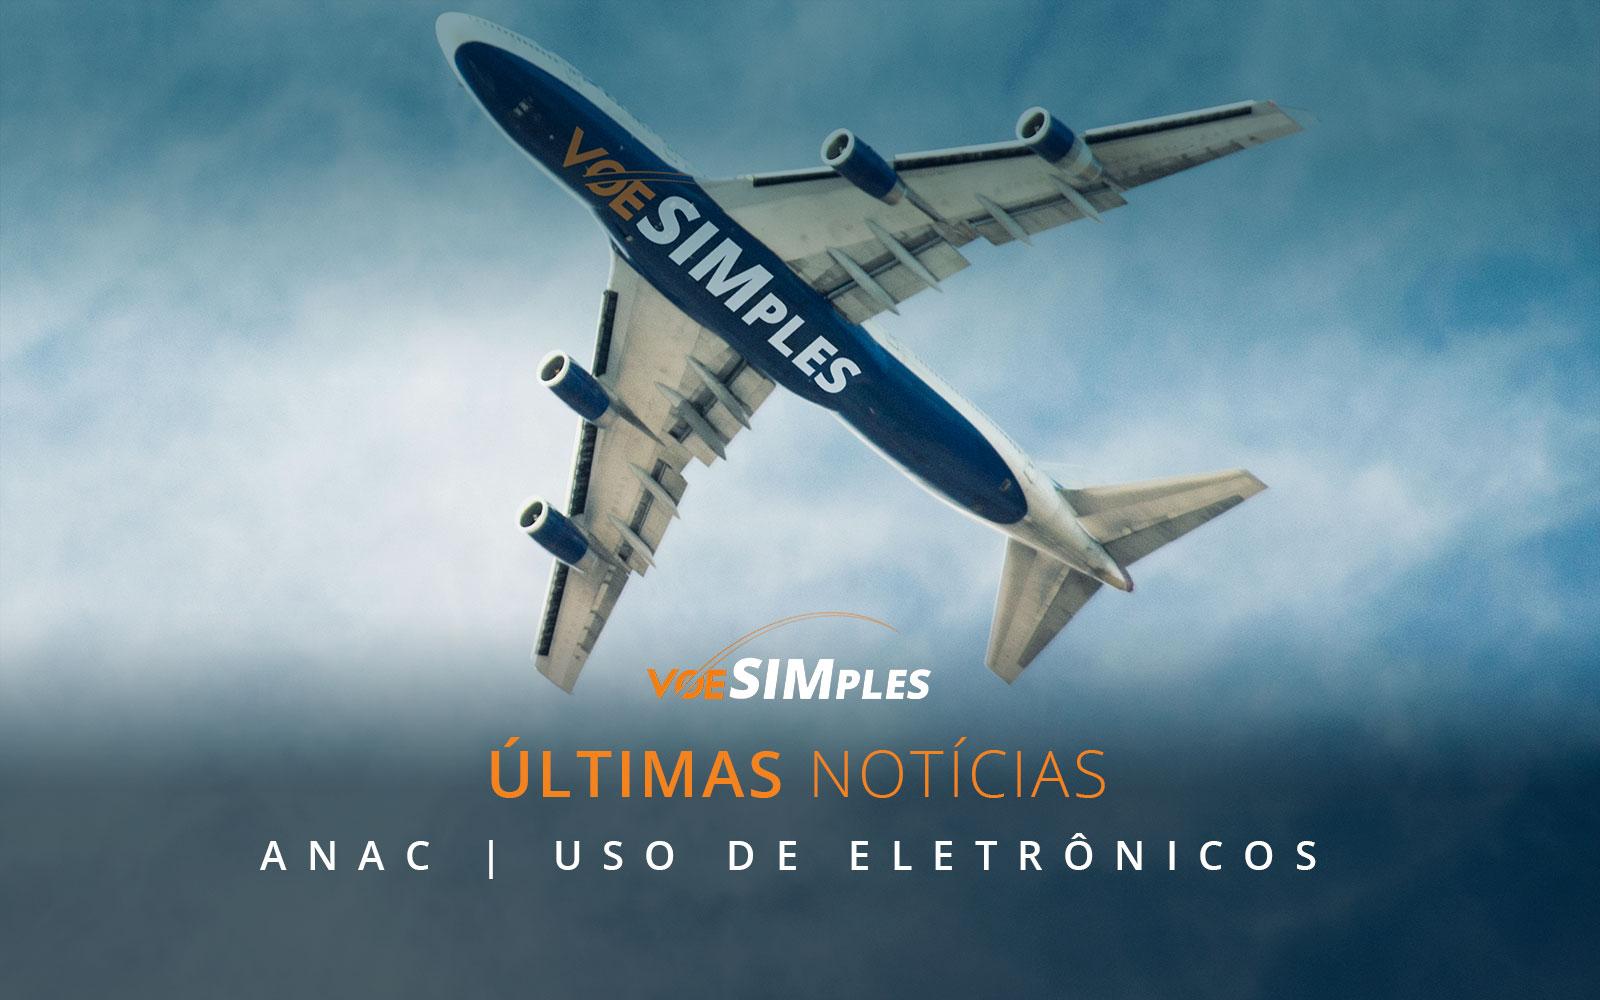 ultimas-noticias-anac-muda-regra-para-uso-aparelhos-aterrisagem-decolagem-eletronicos-liberados-anac